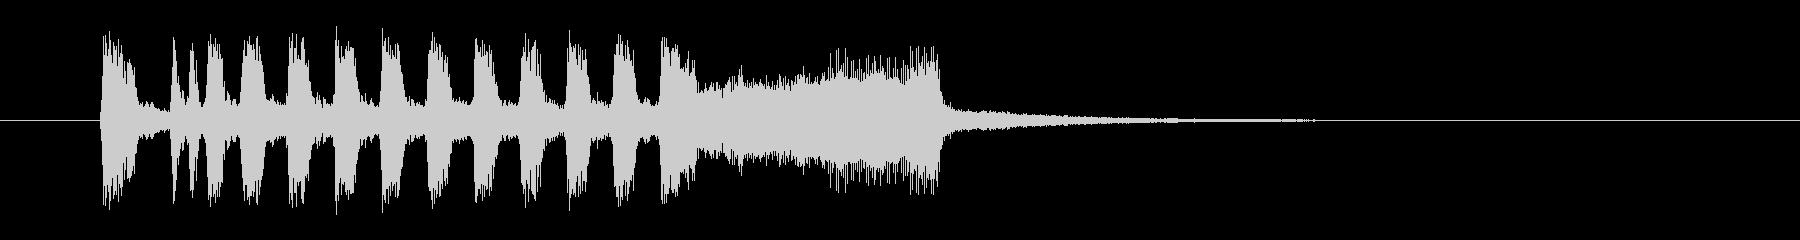 空高く鳴り響くラッパの未再生の波形